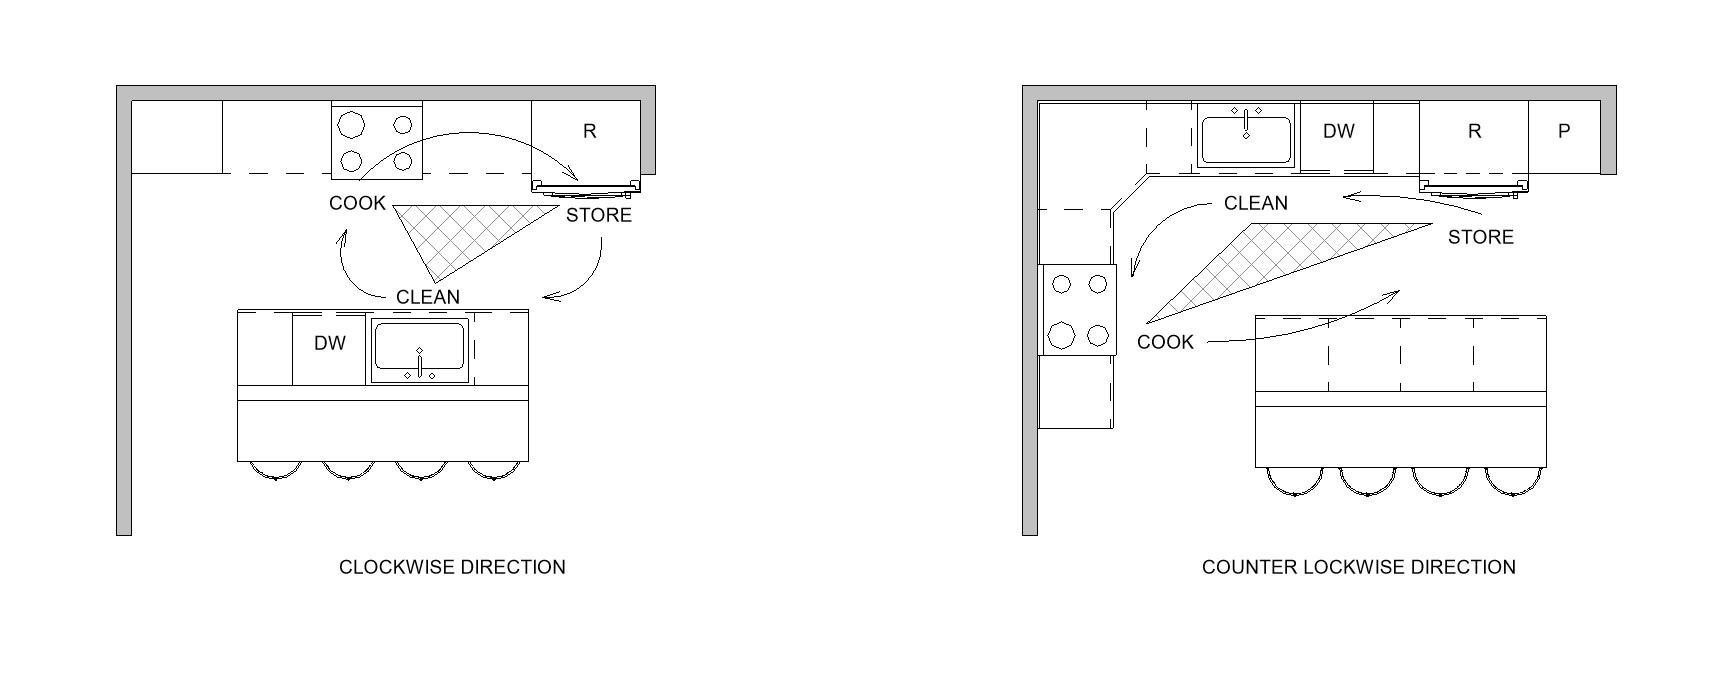 Kitchen Diagram 1.jpg